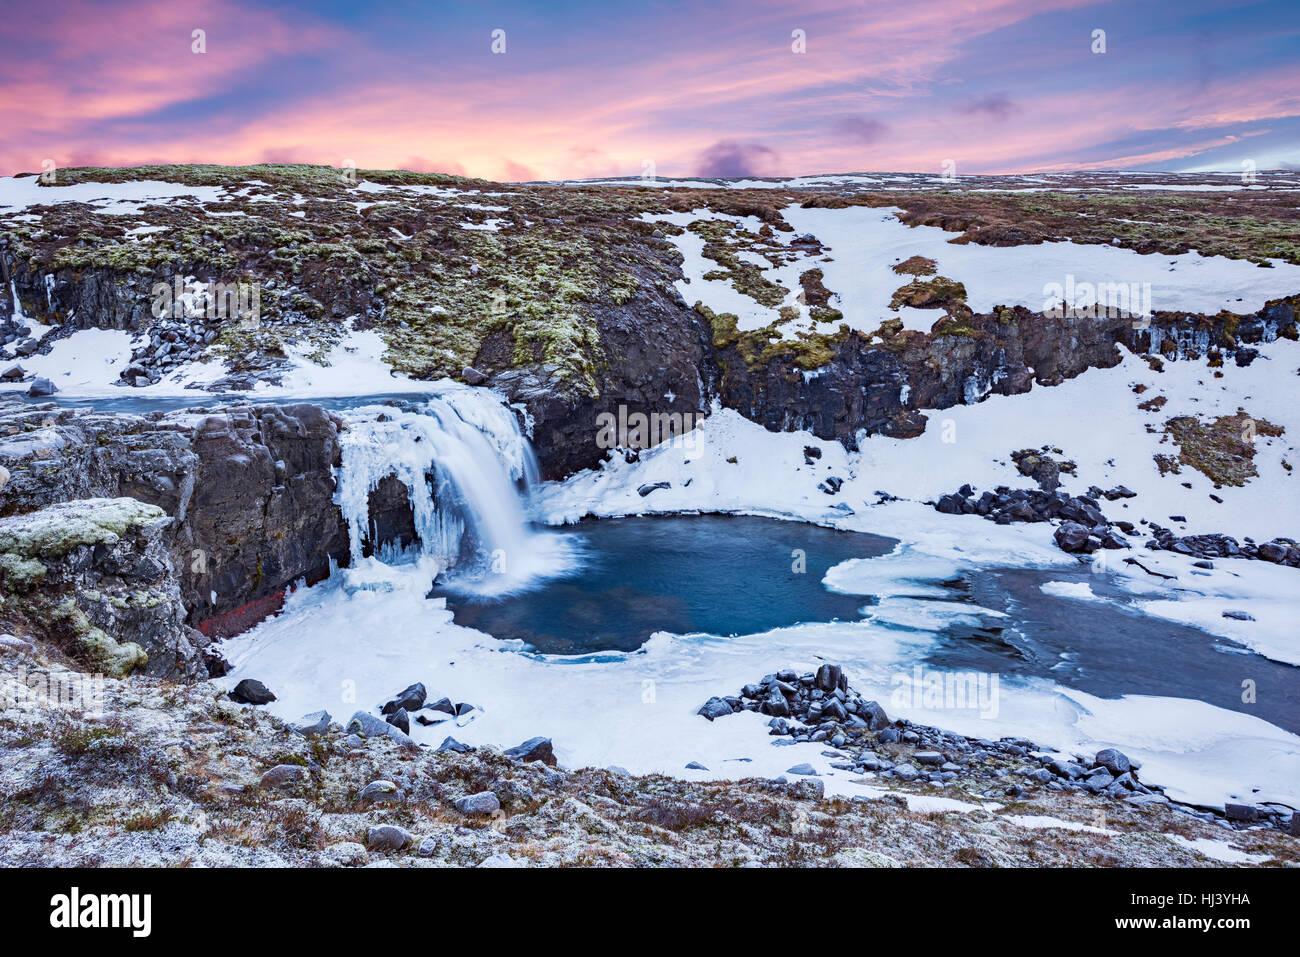 Una cascada fríos con nieve en las montañas de Islandia enmarcada por cielos pastel y el terreno escarpado ofrece Foto de stock